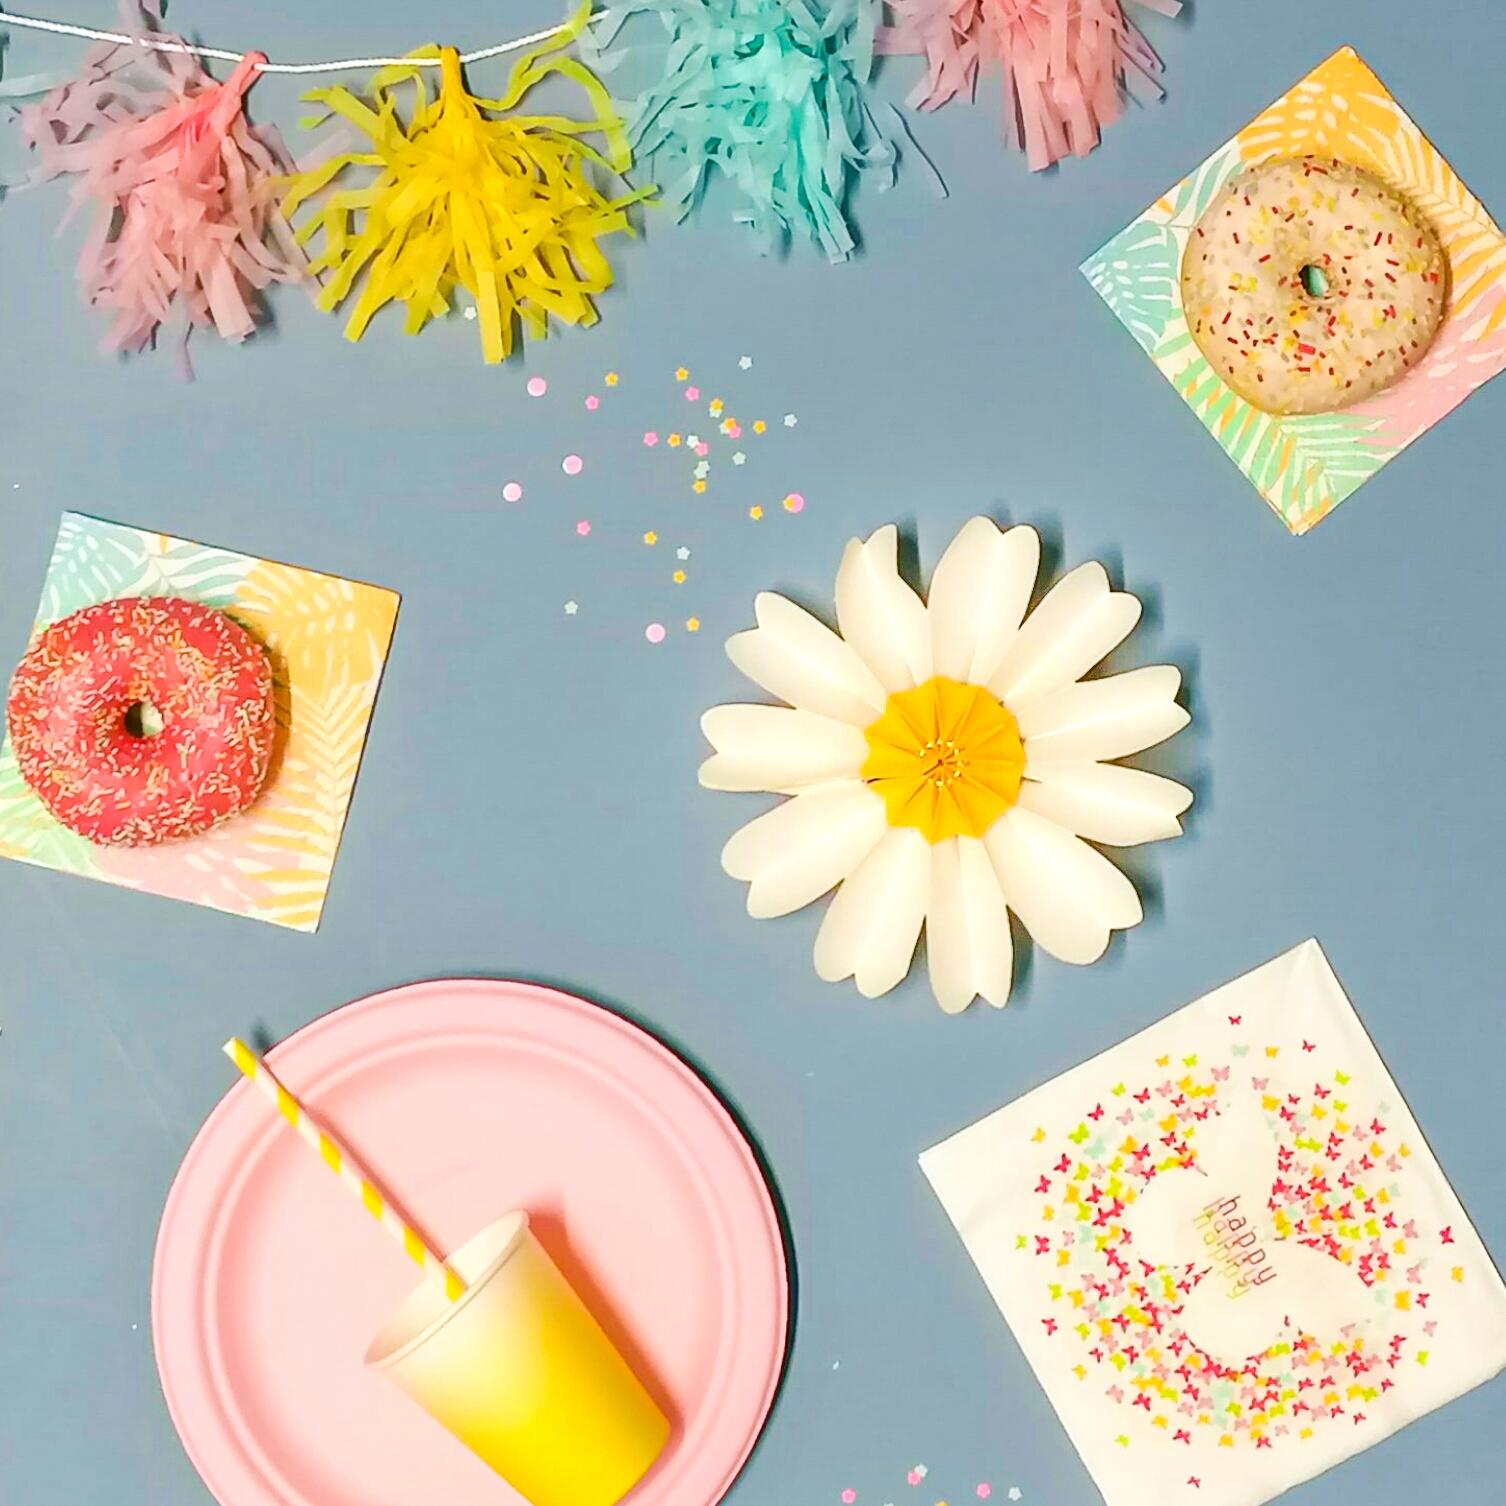 assiette pulpe de canne à sucre colorée pour faire la fête